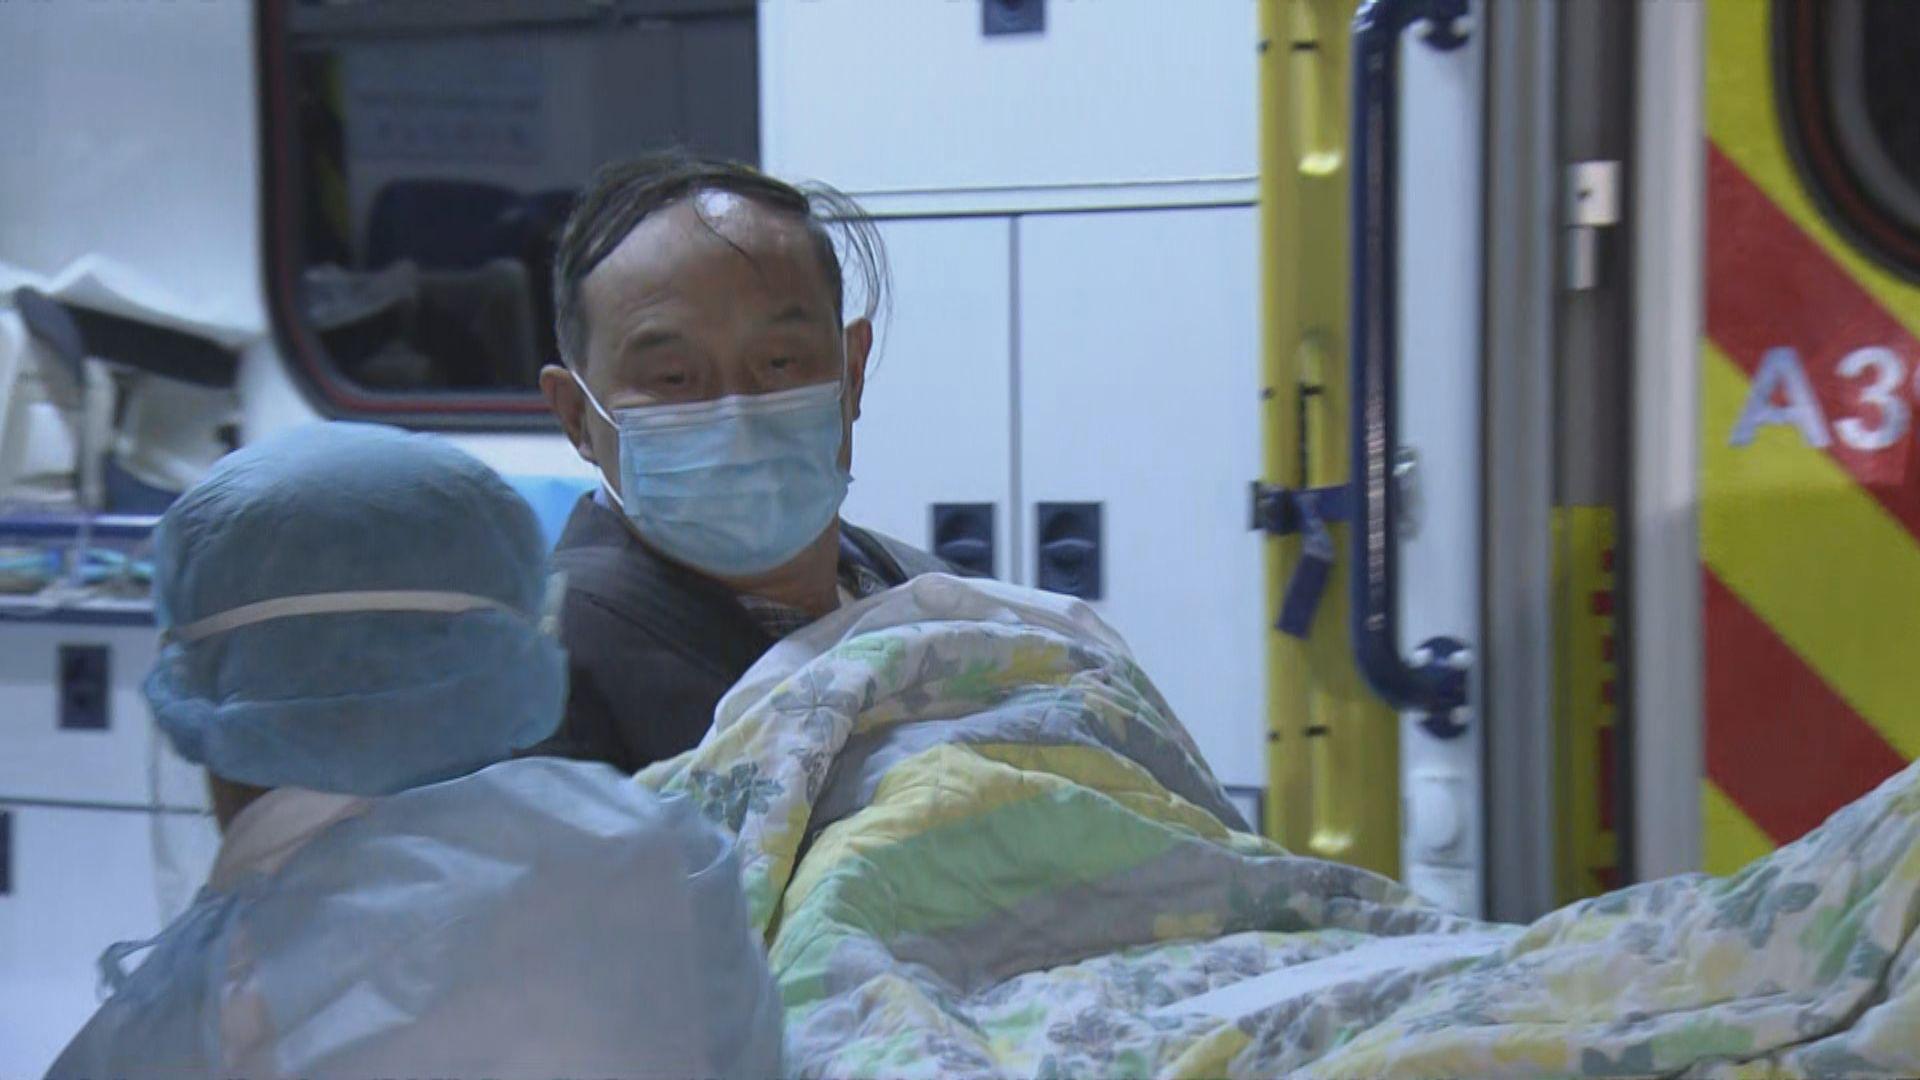 【最新】威院病人對新型冠狀病毒呈陽性反應 轉送瑪嘉烈醫院